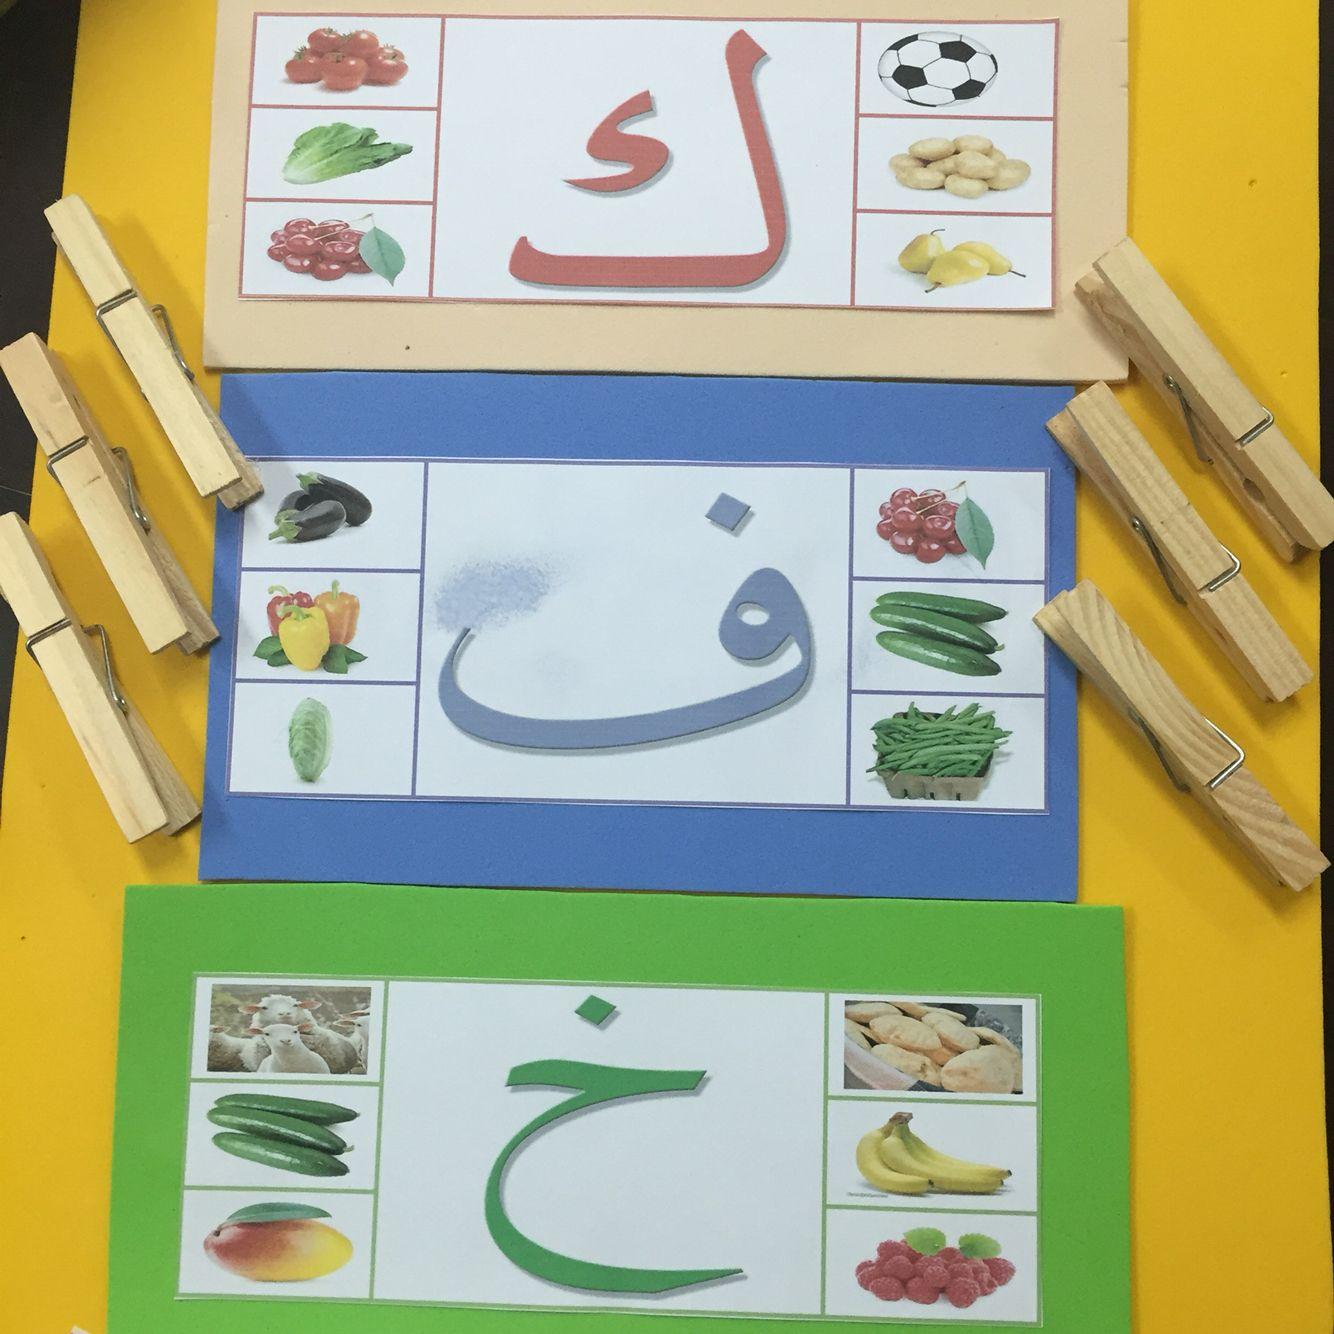 تقوم المعلمة بعرض النشاط على الأطفال وهو أن مجموعه من الأحرف مرفقة بصور وتختار الكلمات التي تبدأ بنفس الحرف ا Arabic Kids Learn Arabic Alphabet Learning Arabic